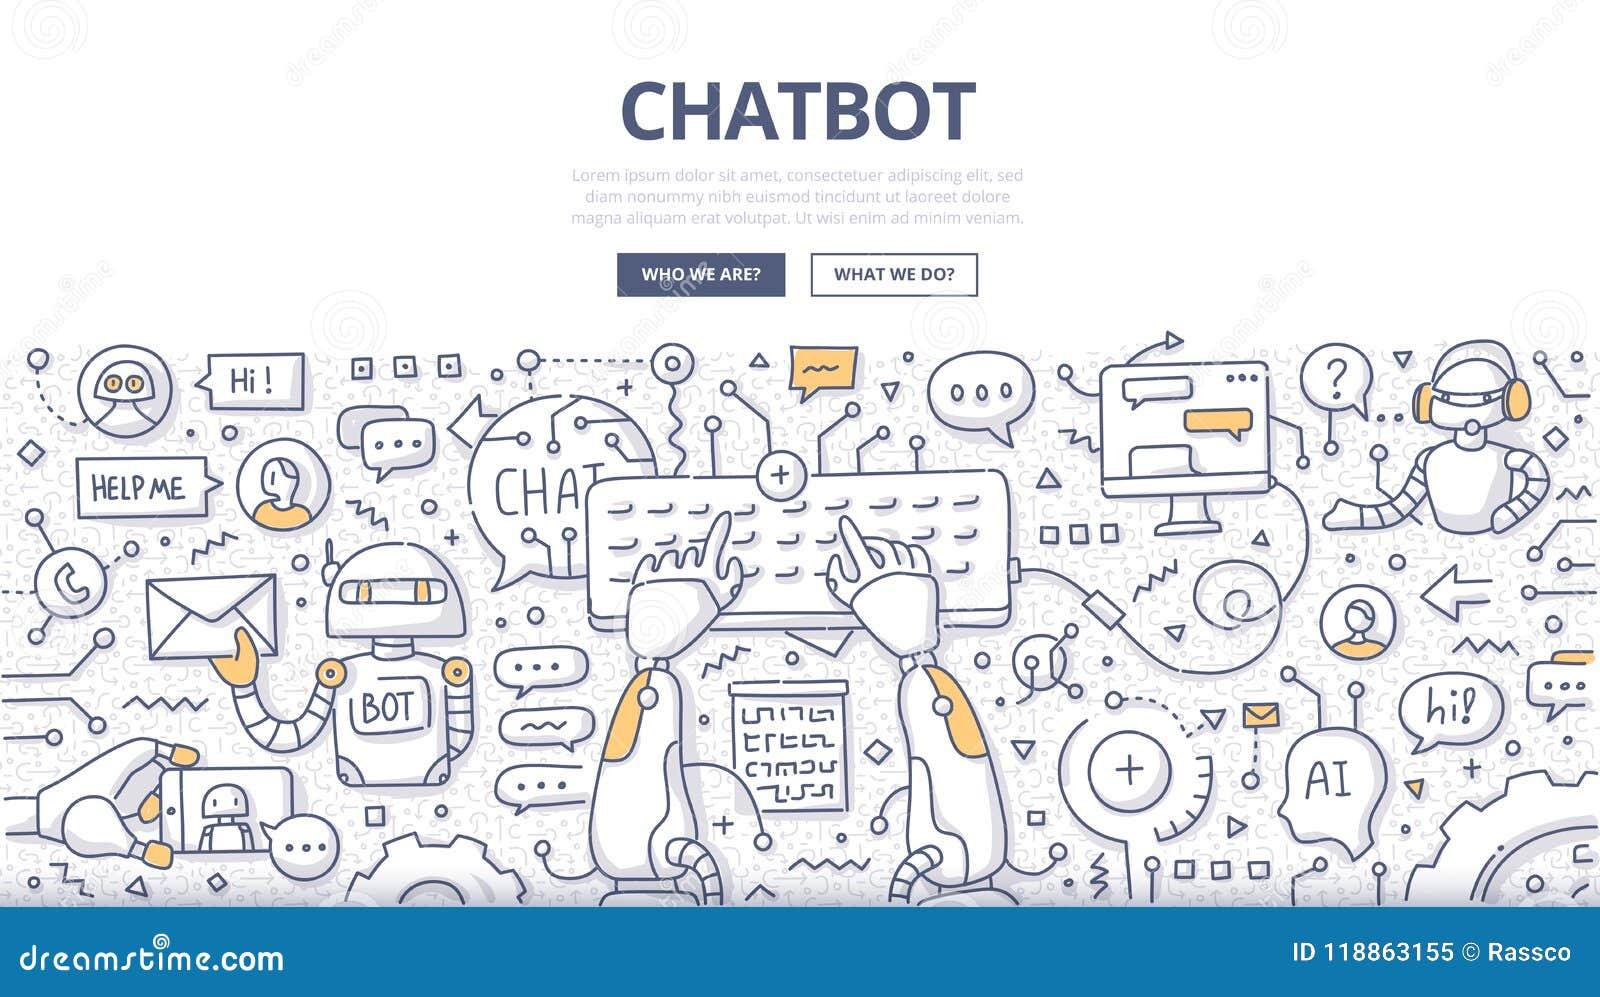 Chatbot-Gekritzel-Konzept